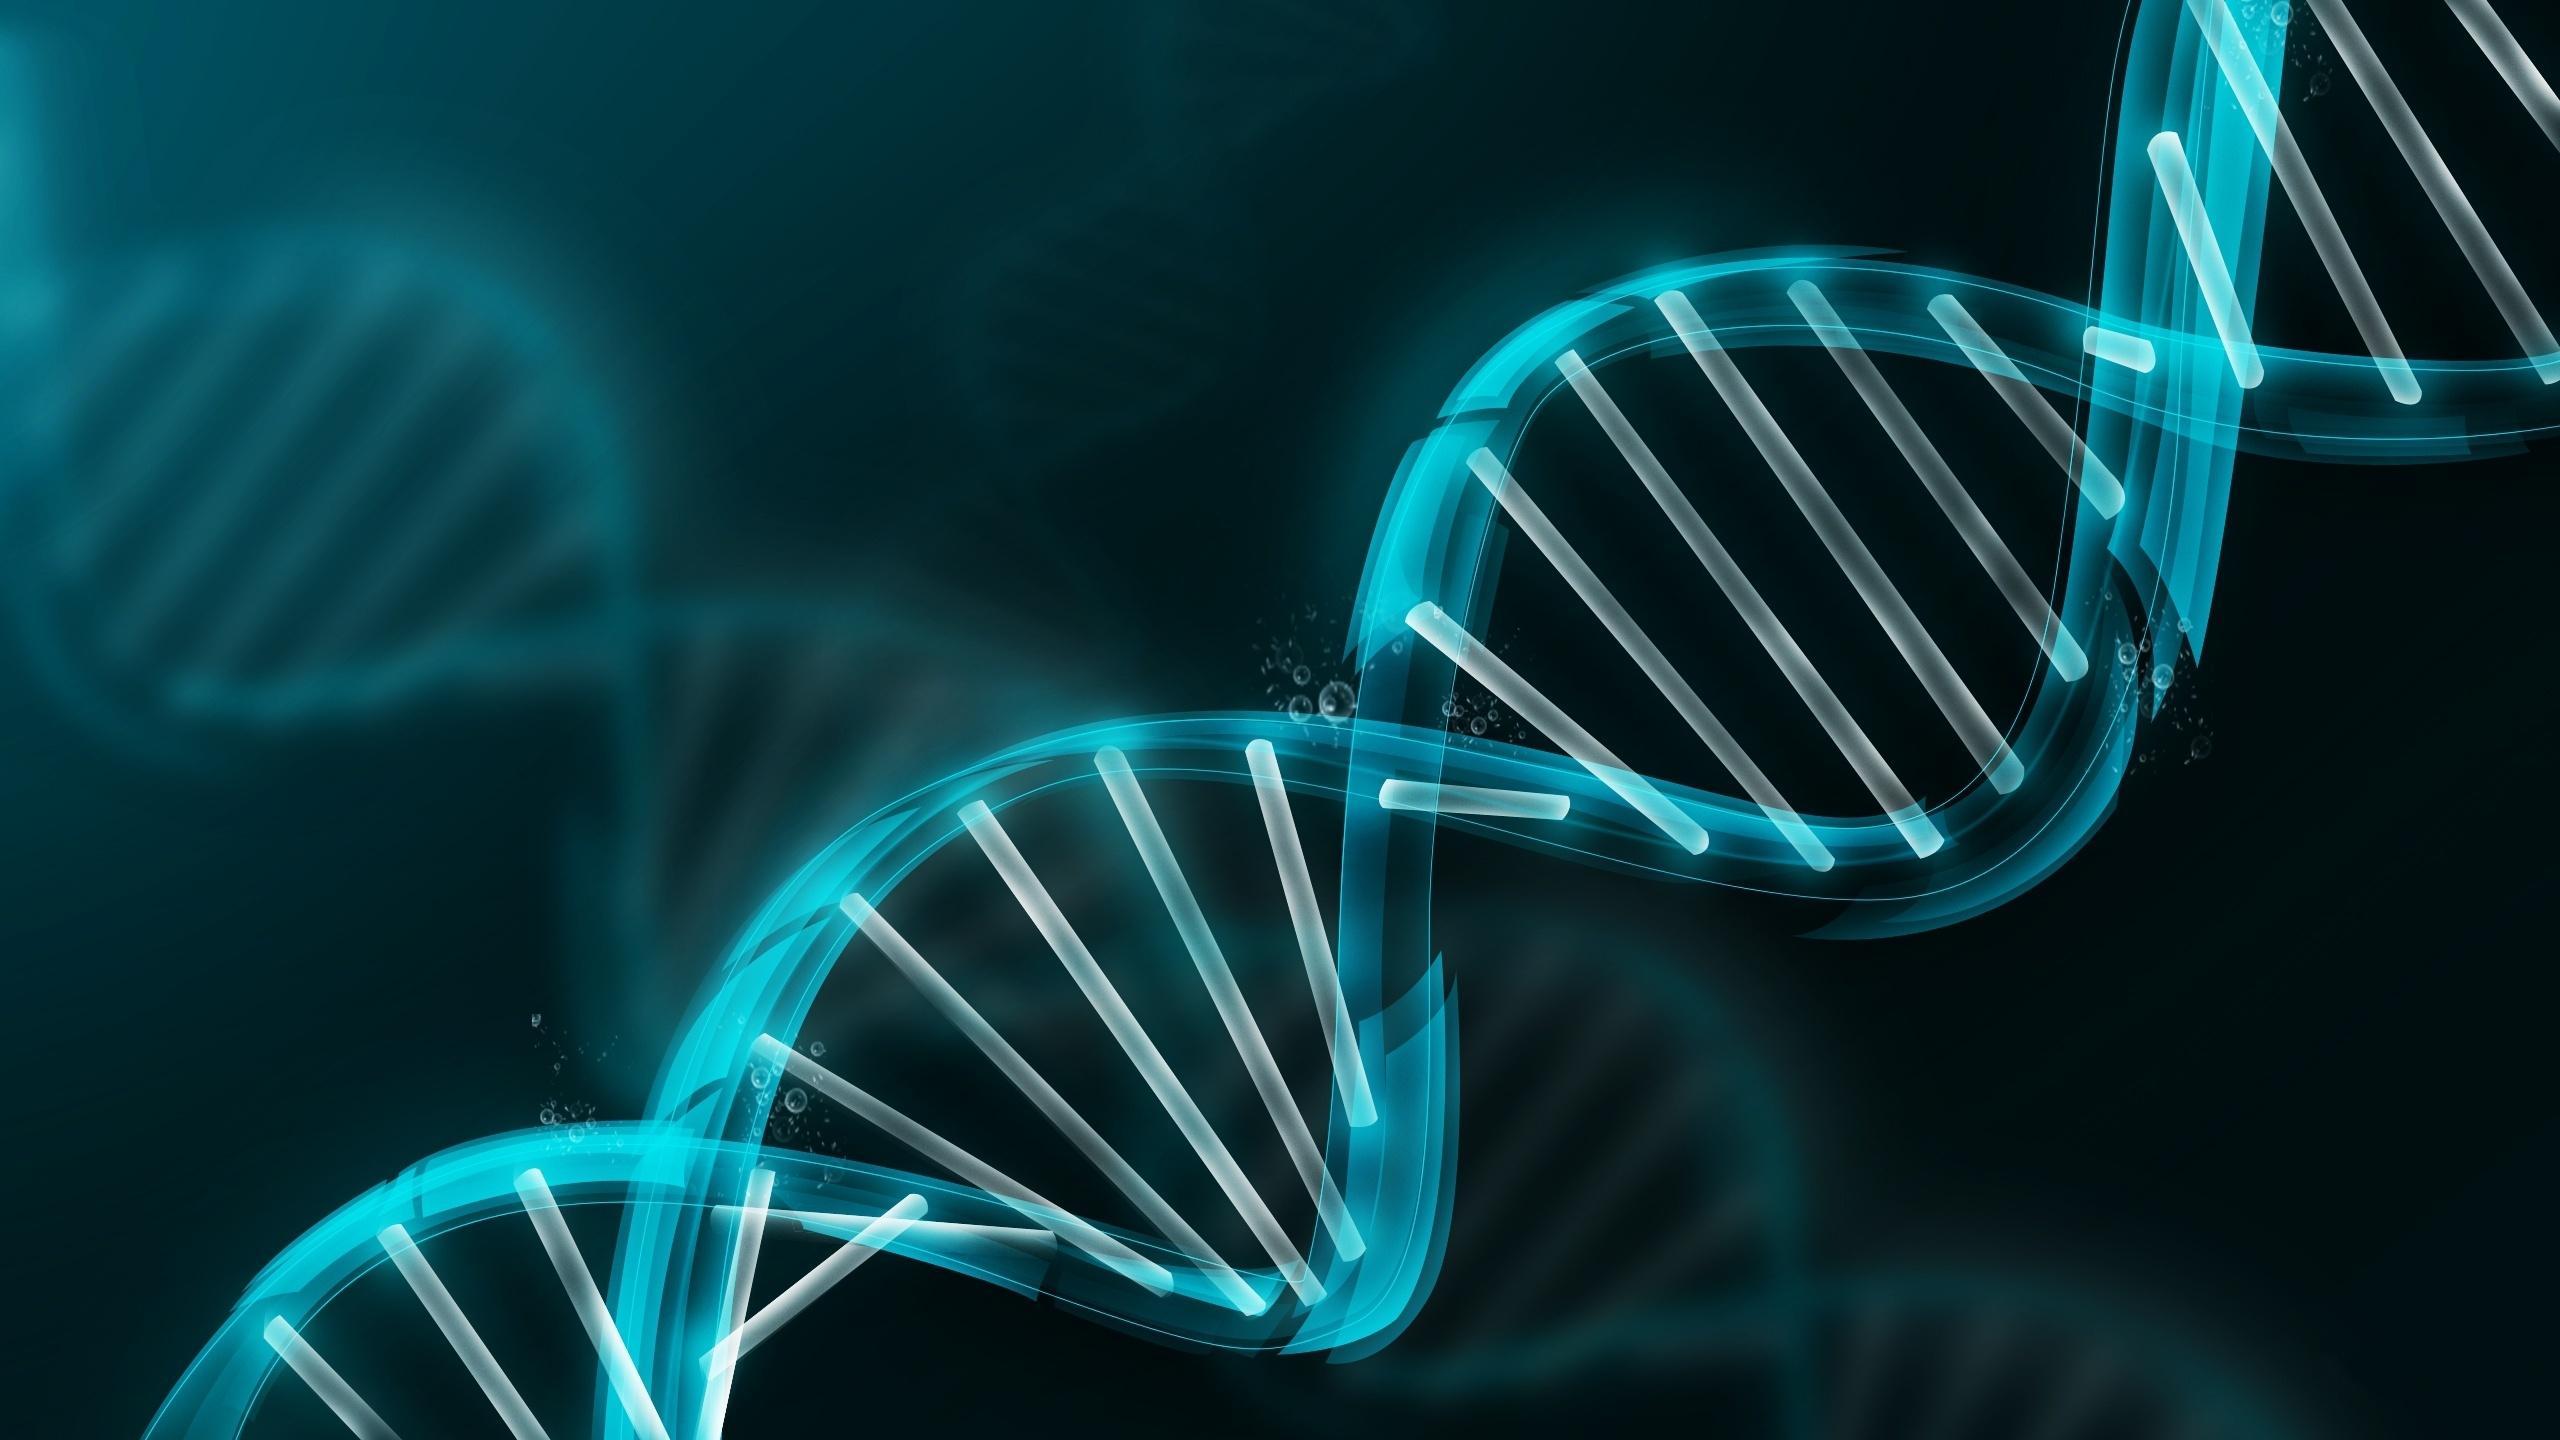 美警方用商业基因库抓罪犯 你的DNA信息被滥用了吗